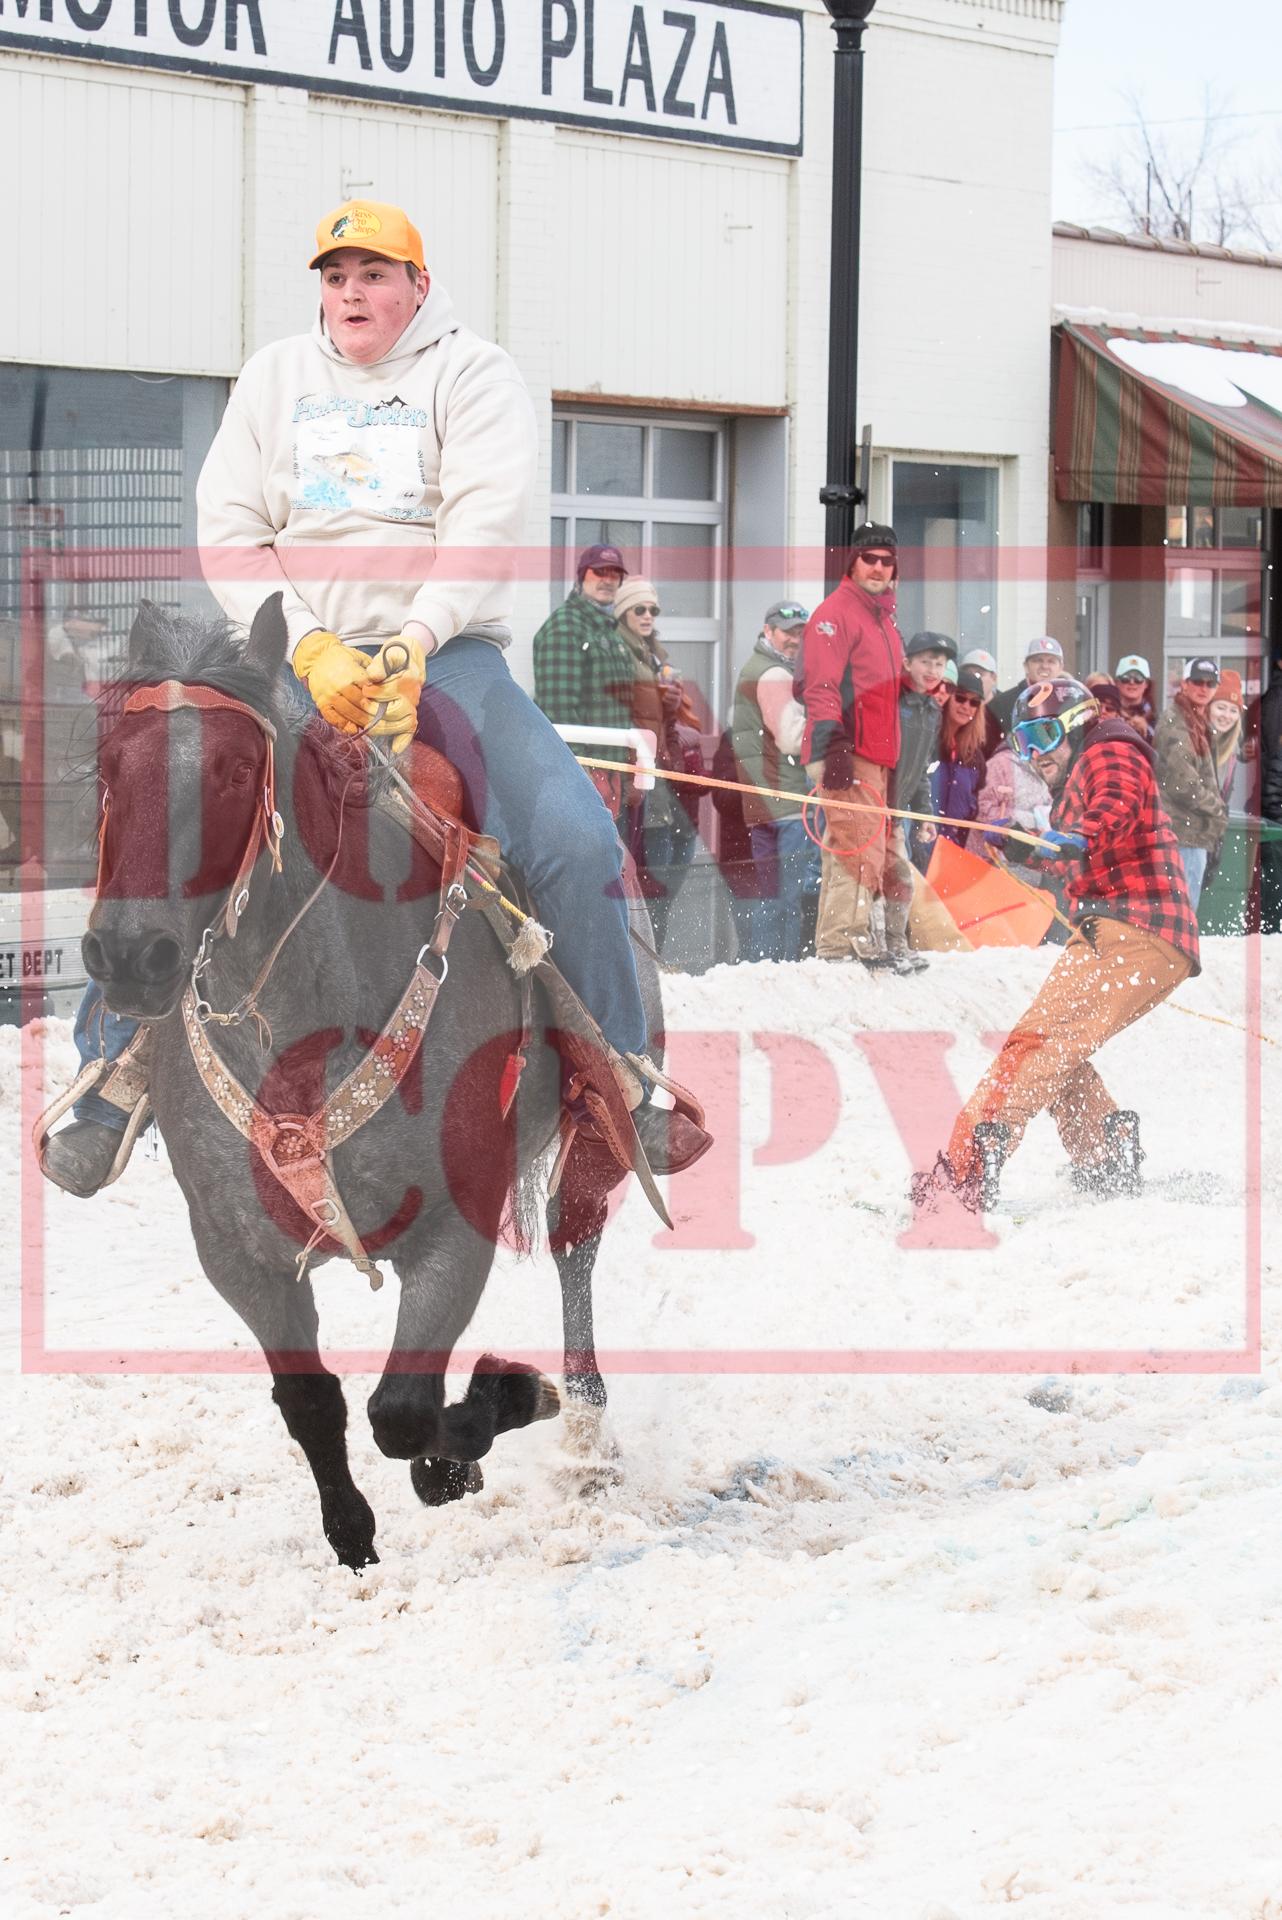 - Zane Huntley - Snowboard 11